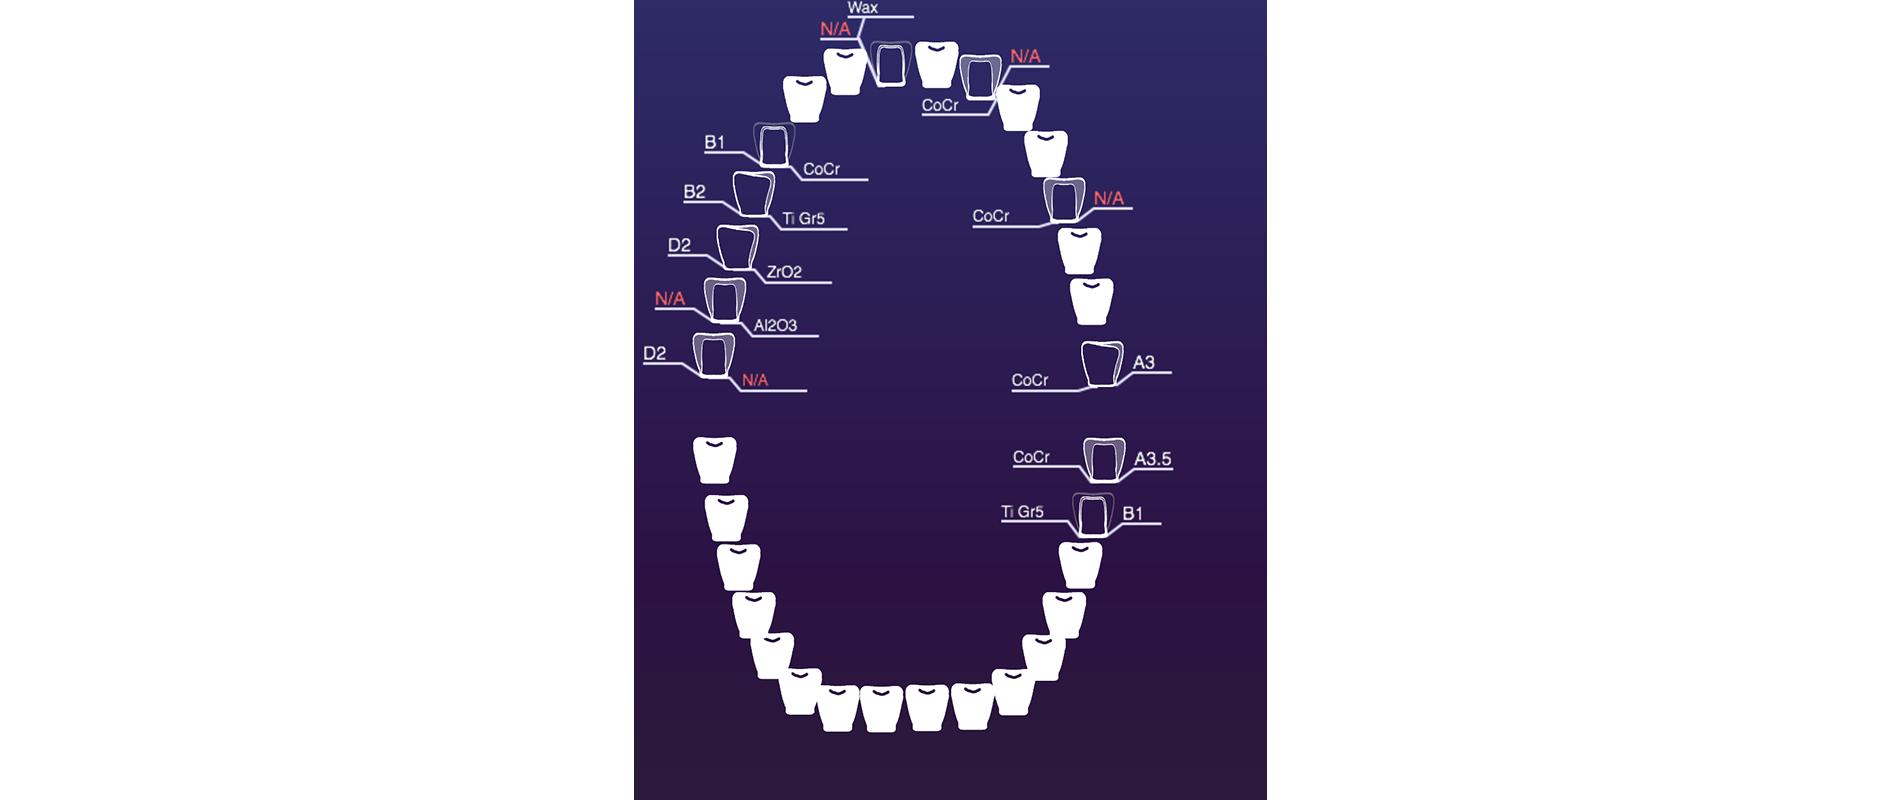 Погружение в технологию блокчейн: Экосистема цифровой стоматологии - 2